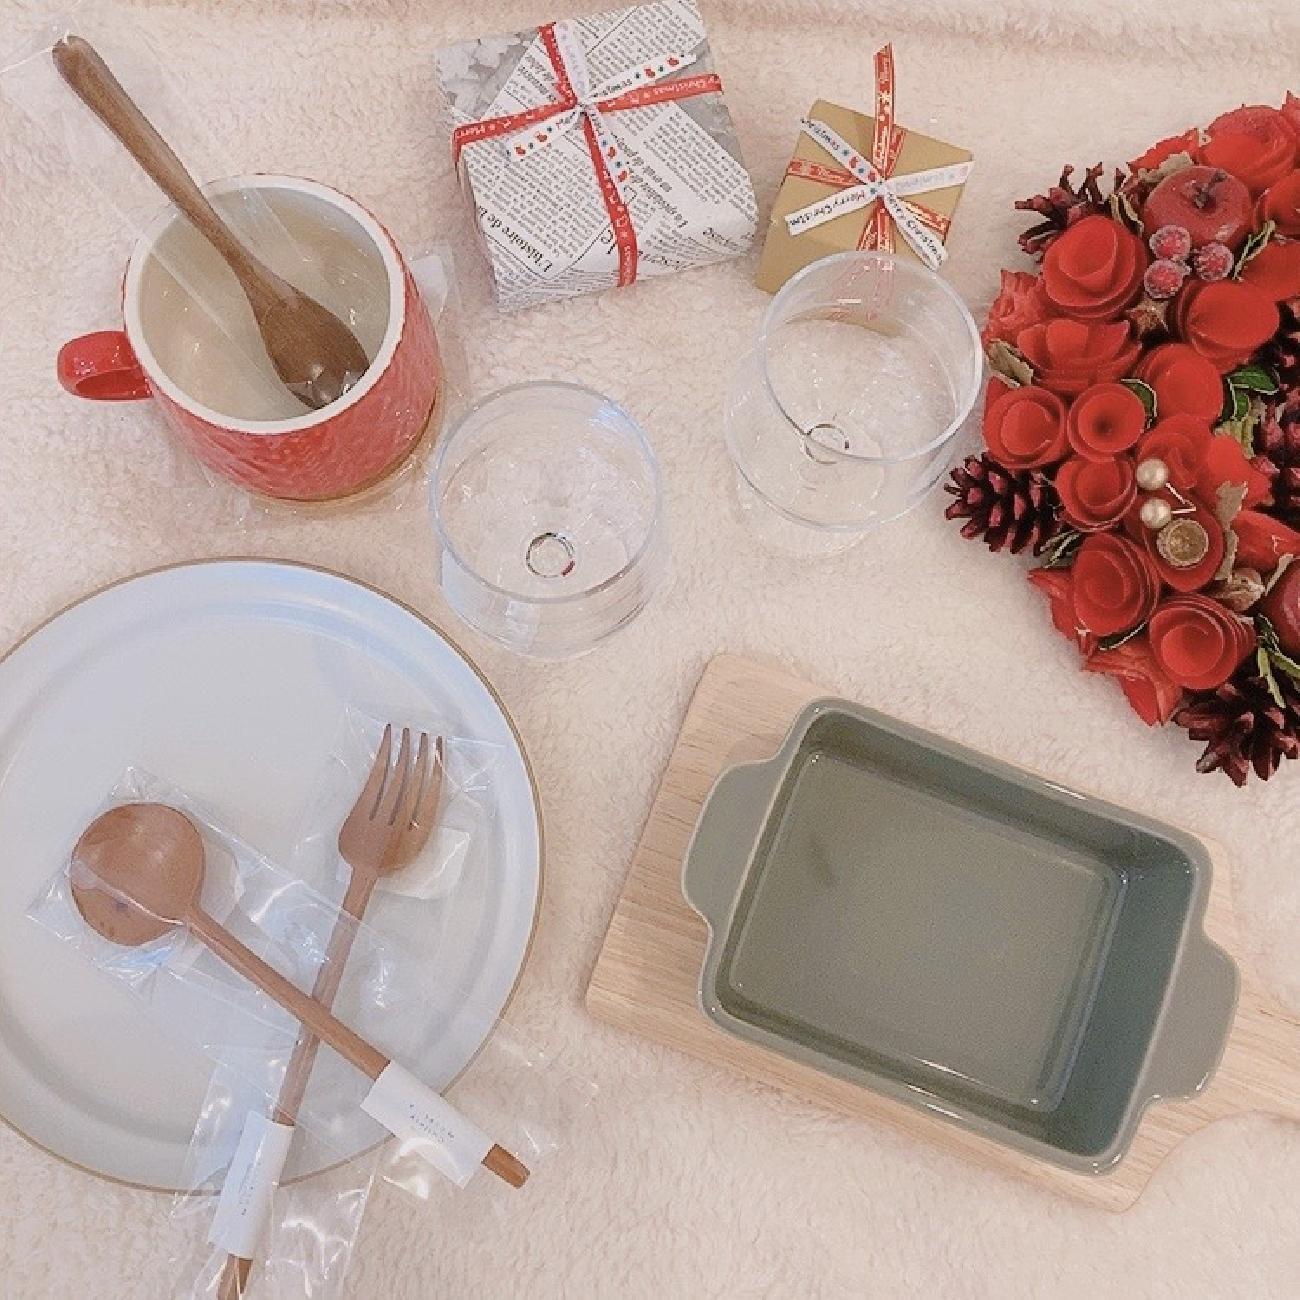 グラタン皿/グラタン/可愛い/ワイングラス/ワイン/おしゃれ/クリスマス/パーティー/クリスマスパーティー/楽しい/おいしい